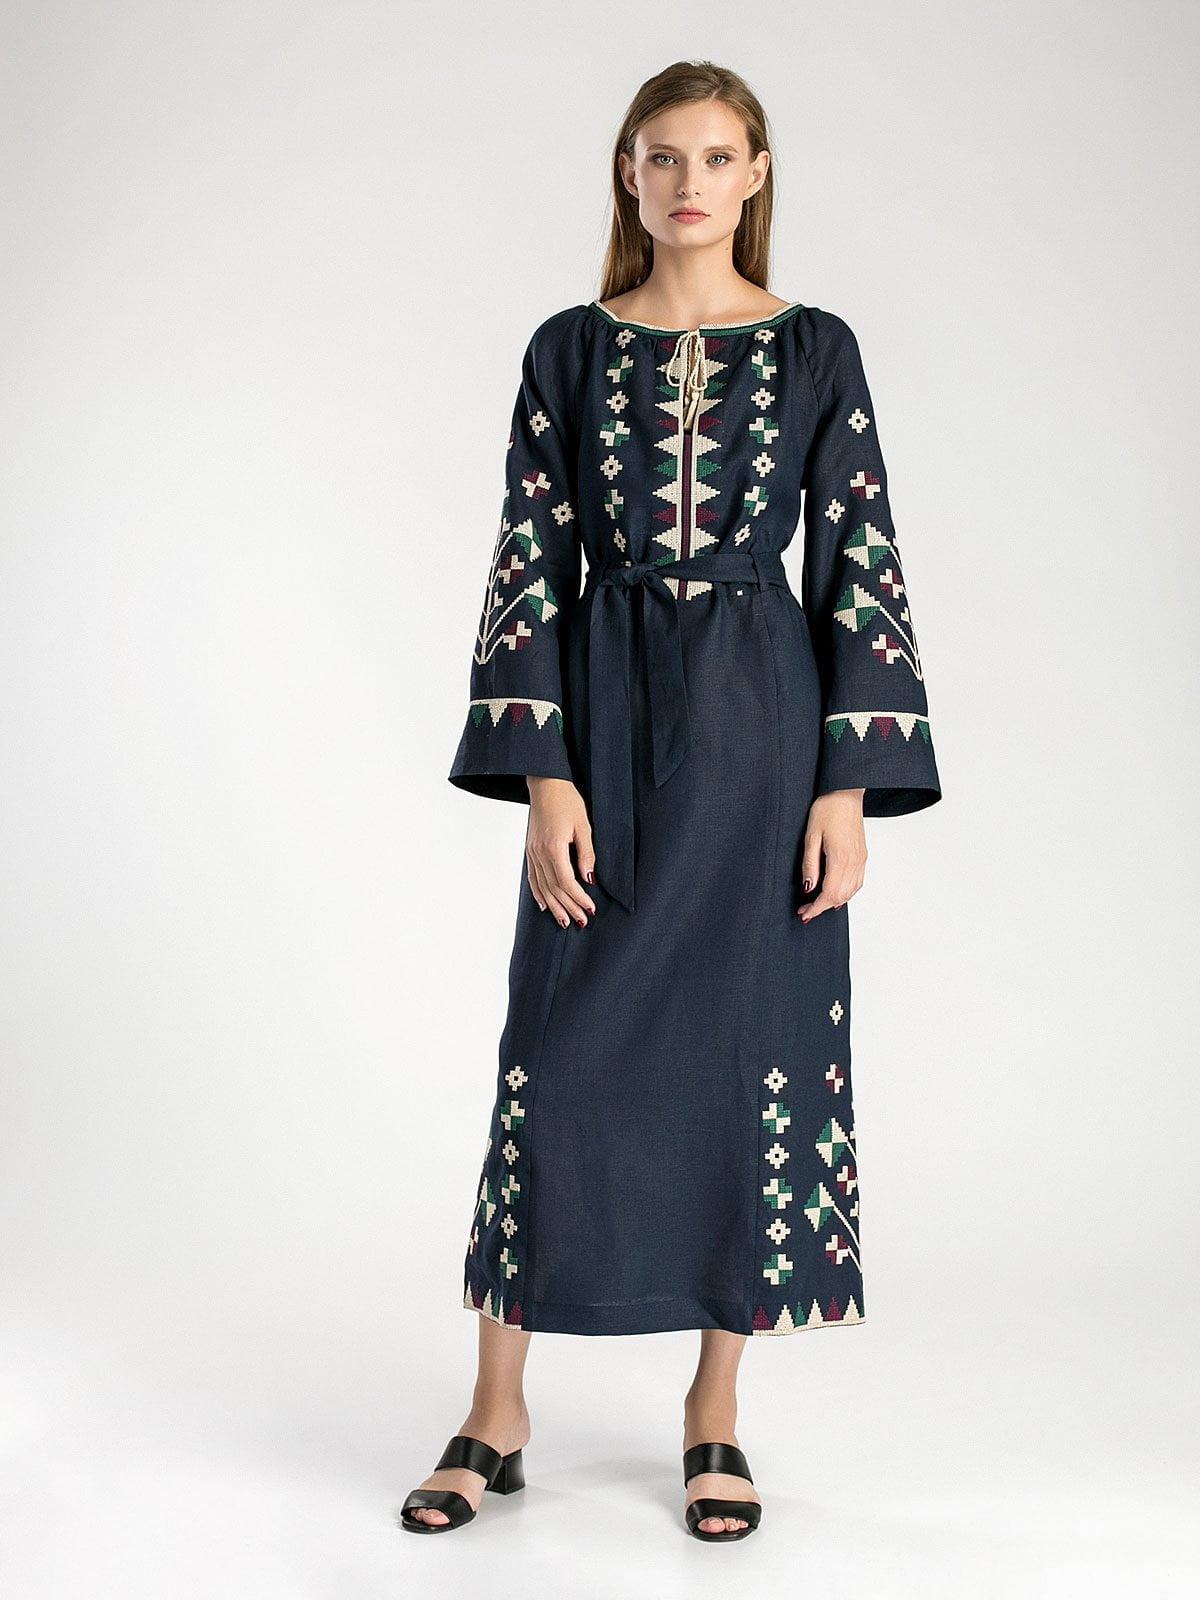 Темно-синя довга вишита сукня під пояс ETHNO4 – купити в Києві та ... 2140dda5e5ee2